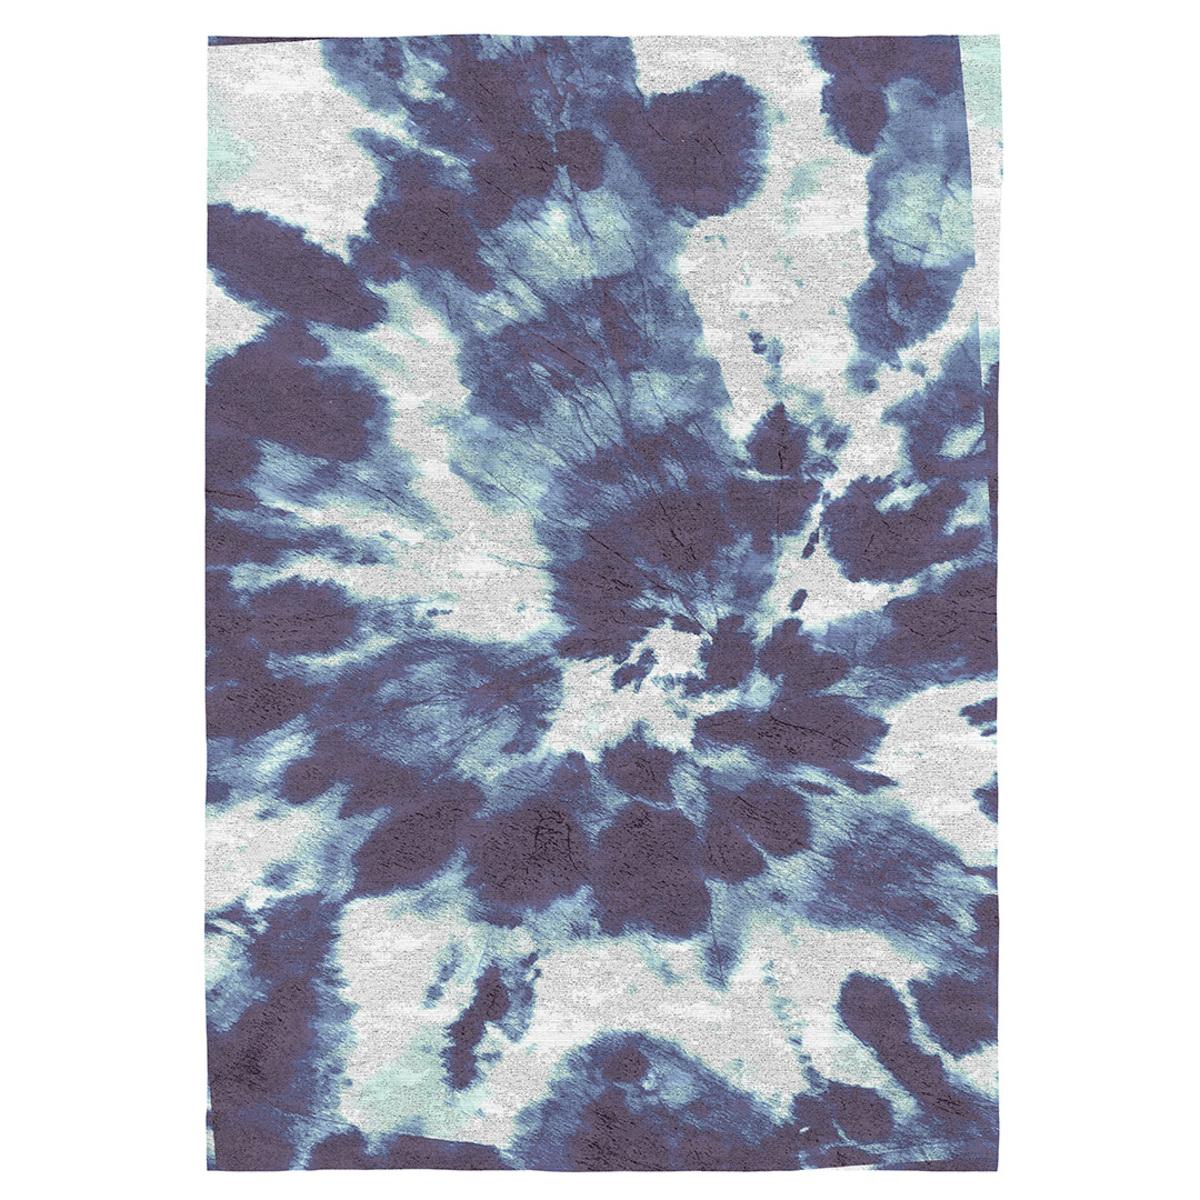 Tapis décoratif en coton imprimé numérique tie dye 160x230 cm